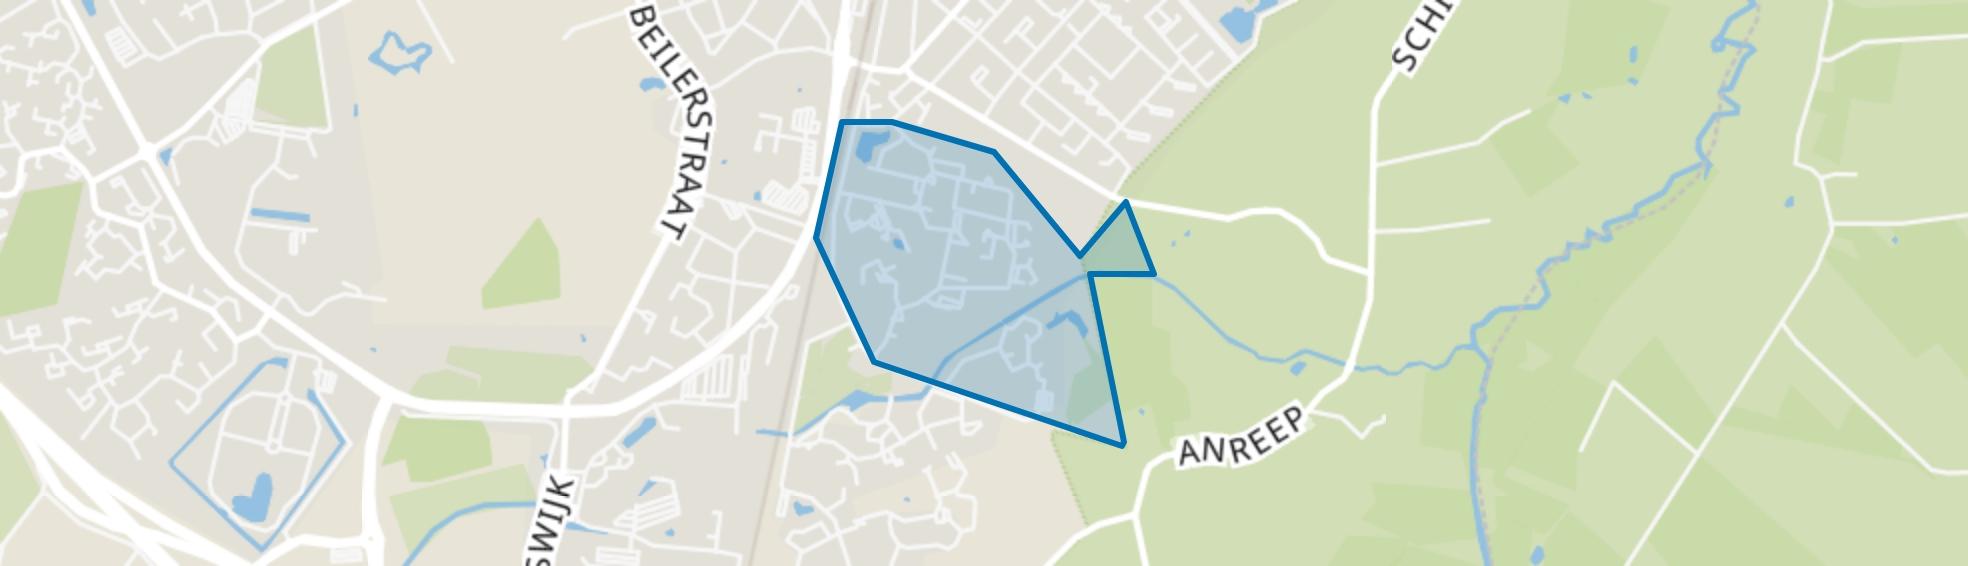 GGZ-terrein, Assen map